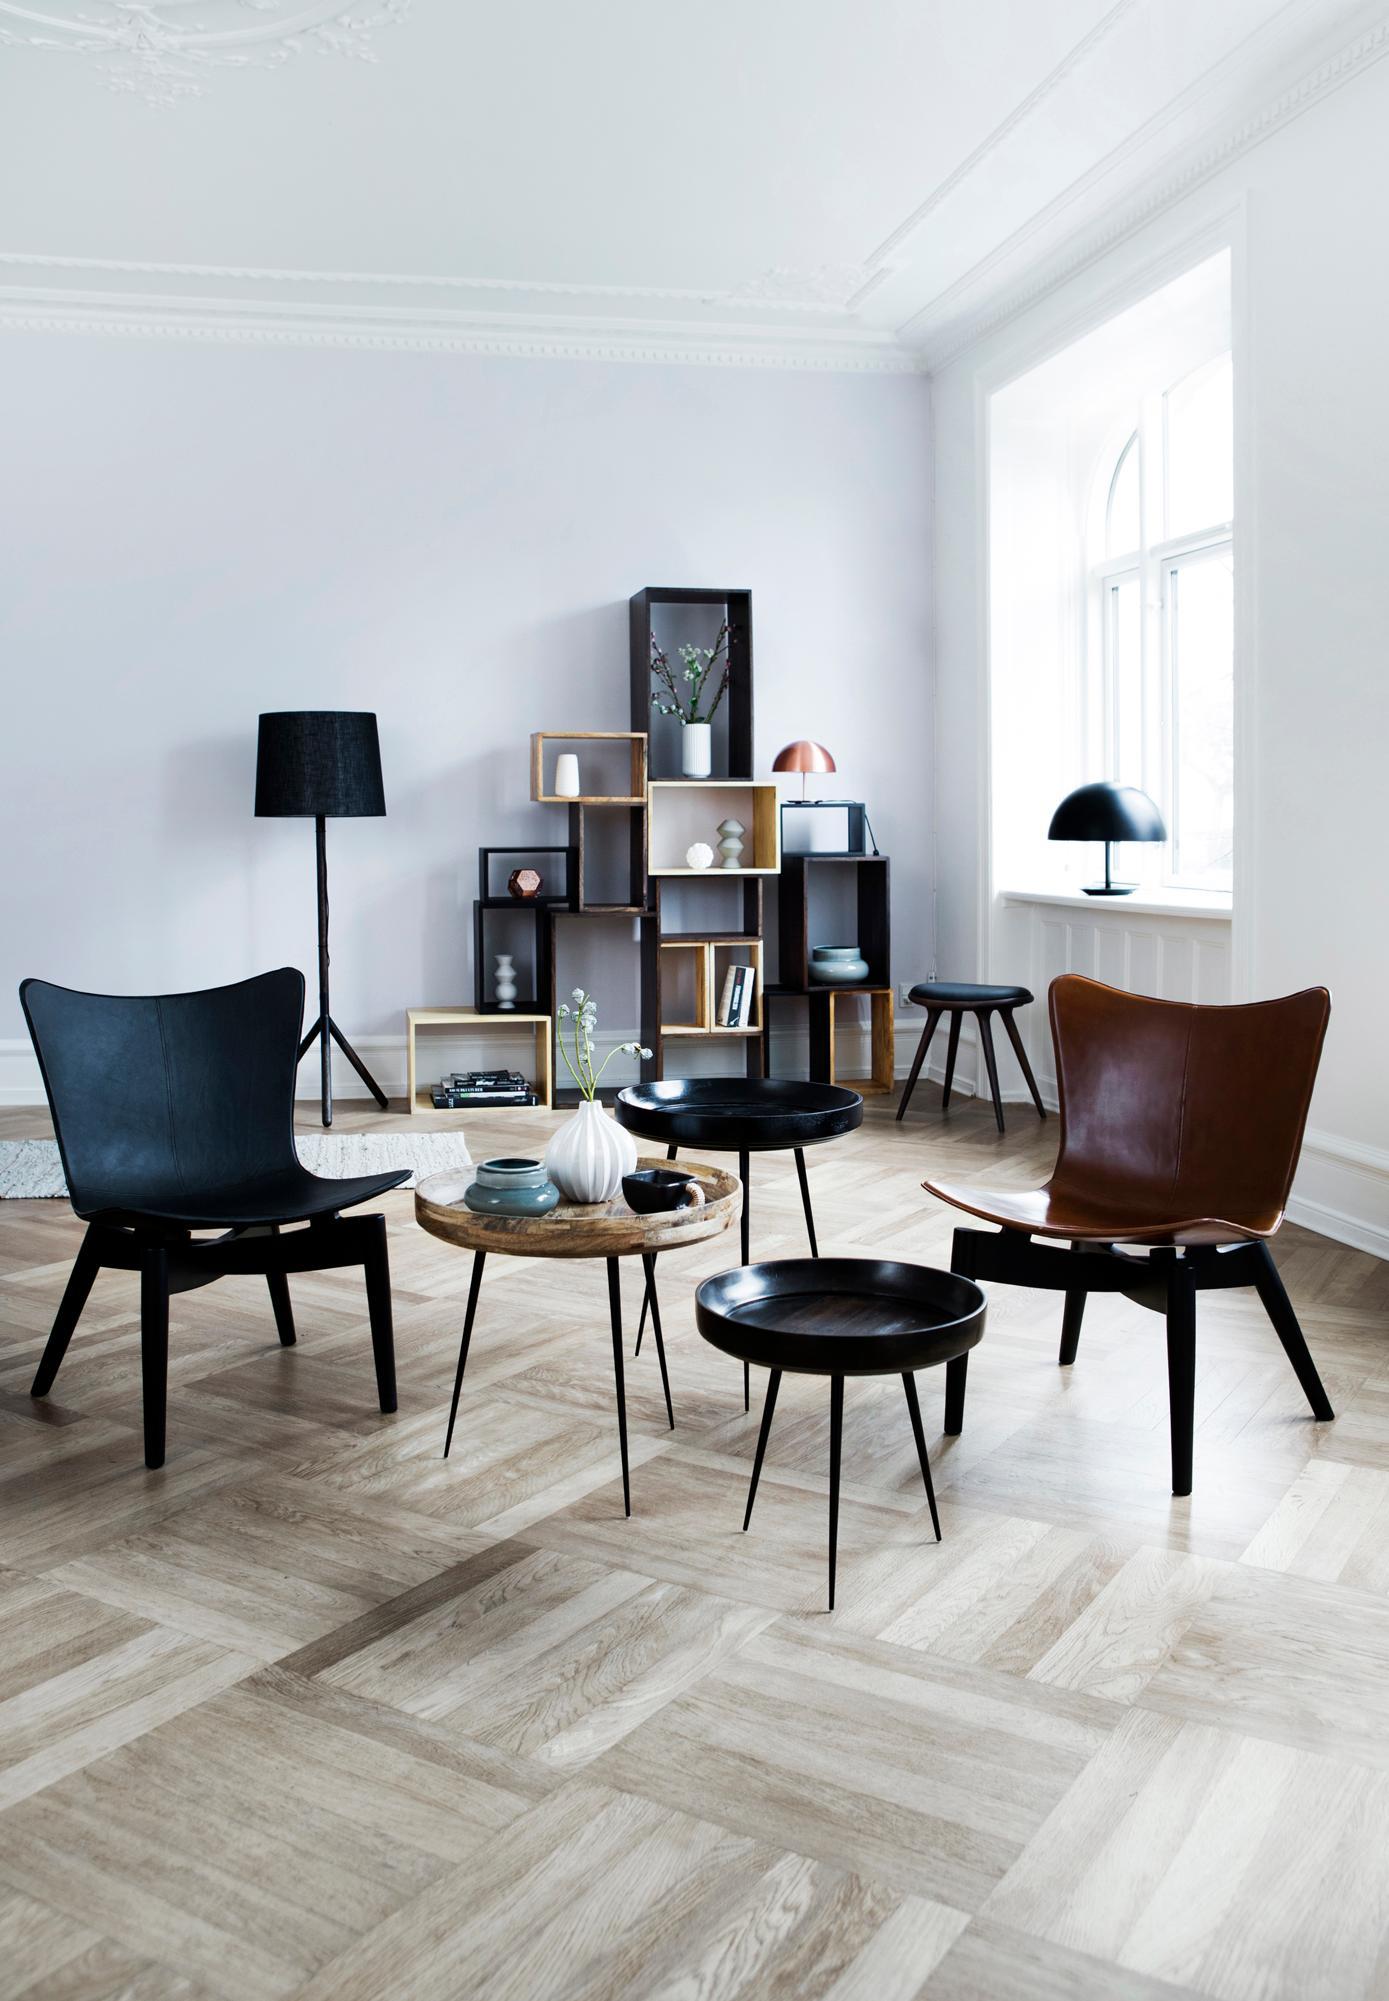 Elegante Wohnzimmermöbel Im Retro Look #60erjahre #eklektisch #wohnzimmer  #rundertisch ©Mater